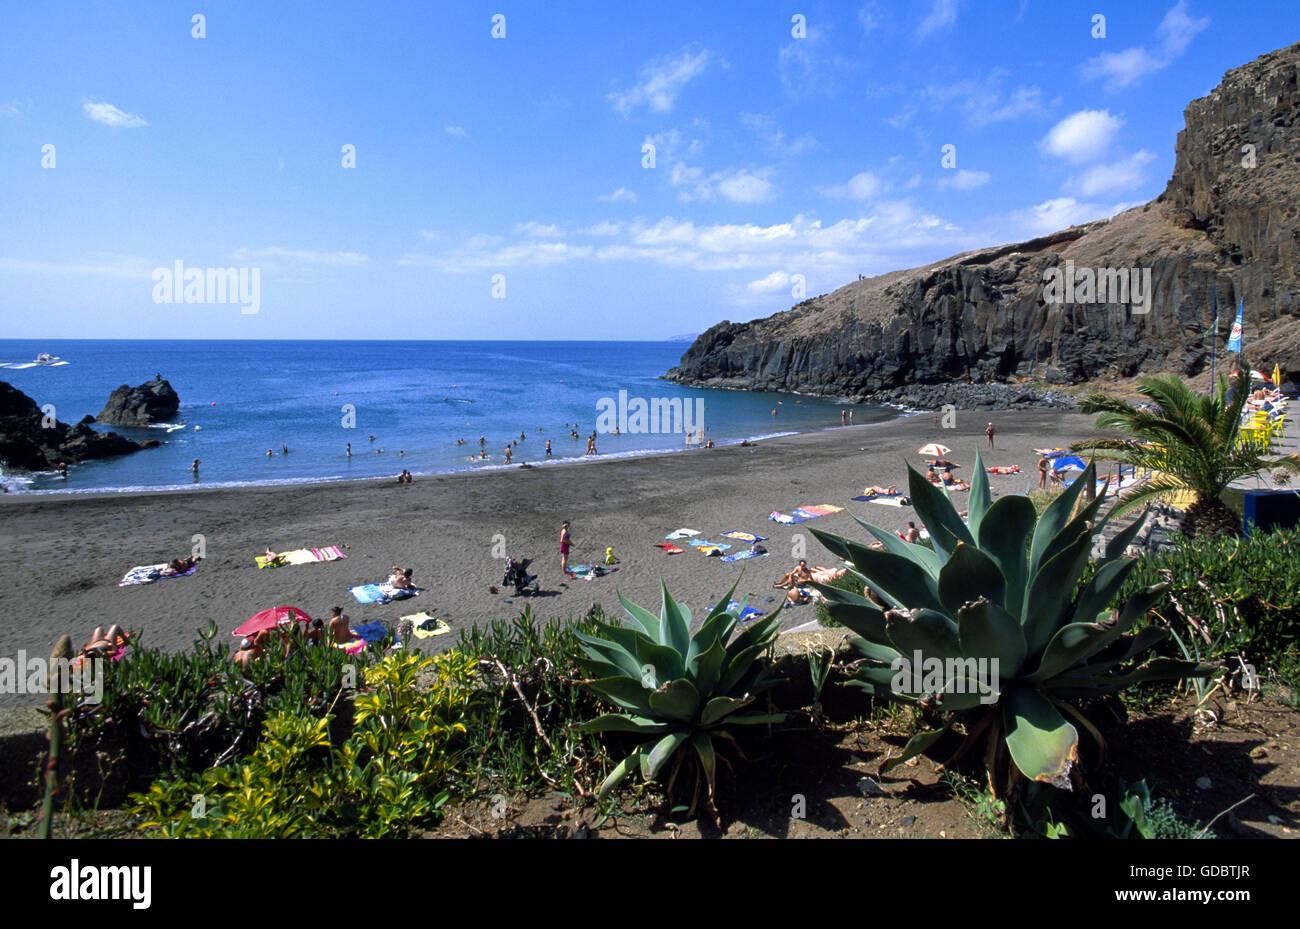 Prainha, Ponta de Sao Lourenco, Madeira - Stock Image